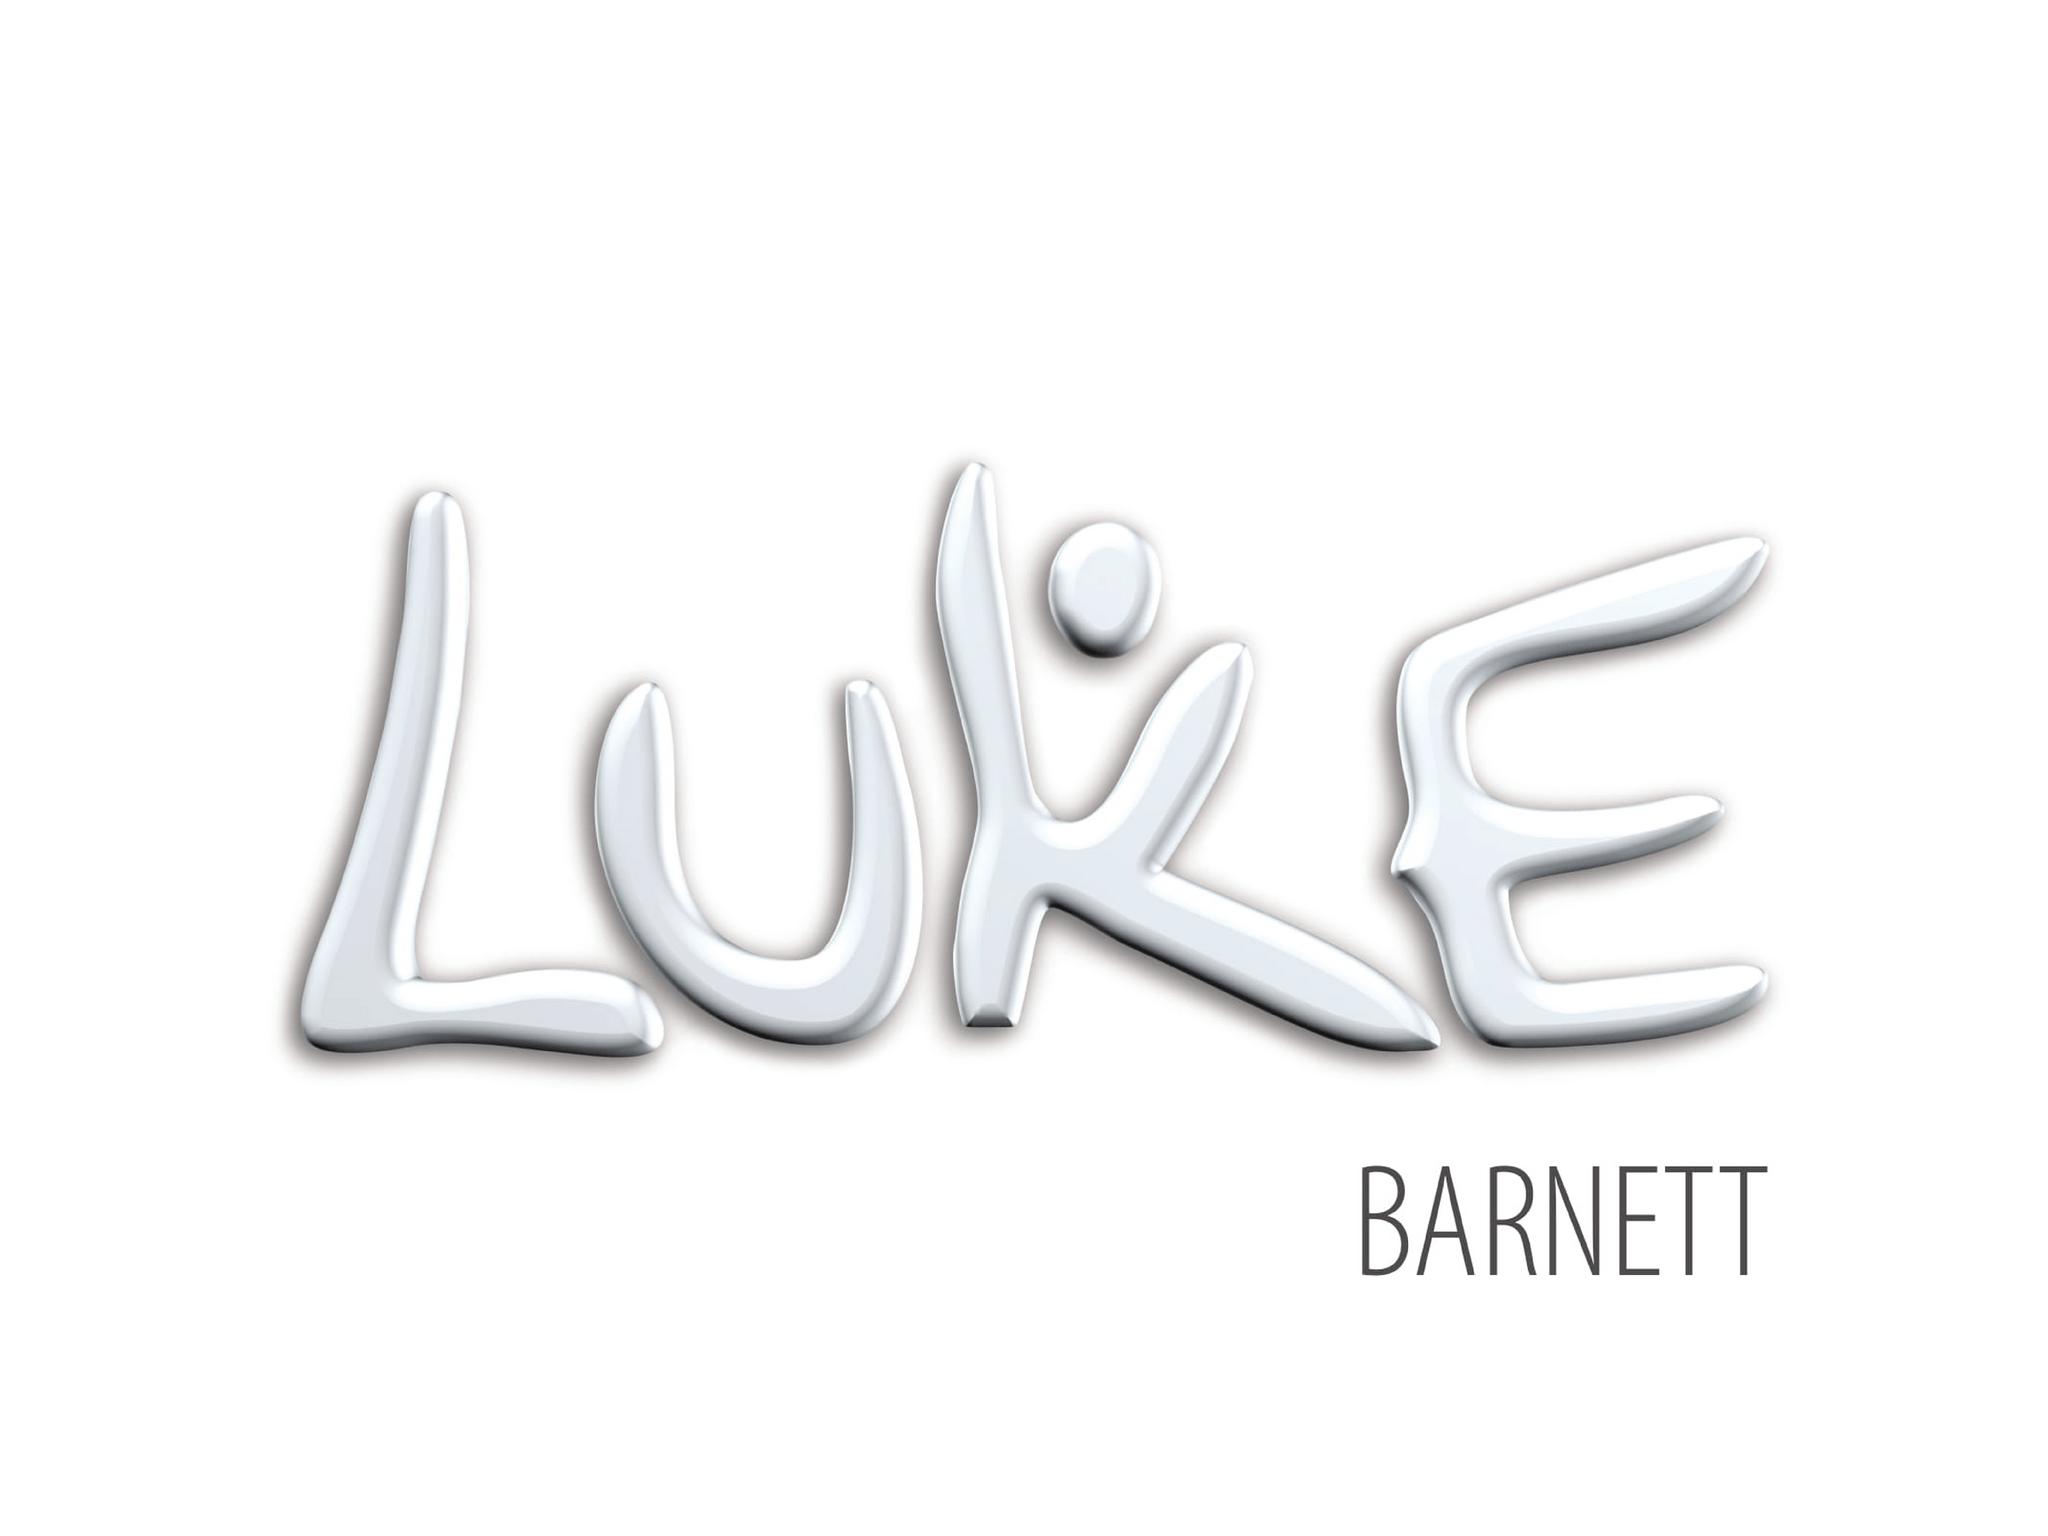 Luke Barnett Dental Ceramics